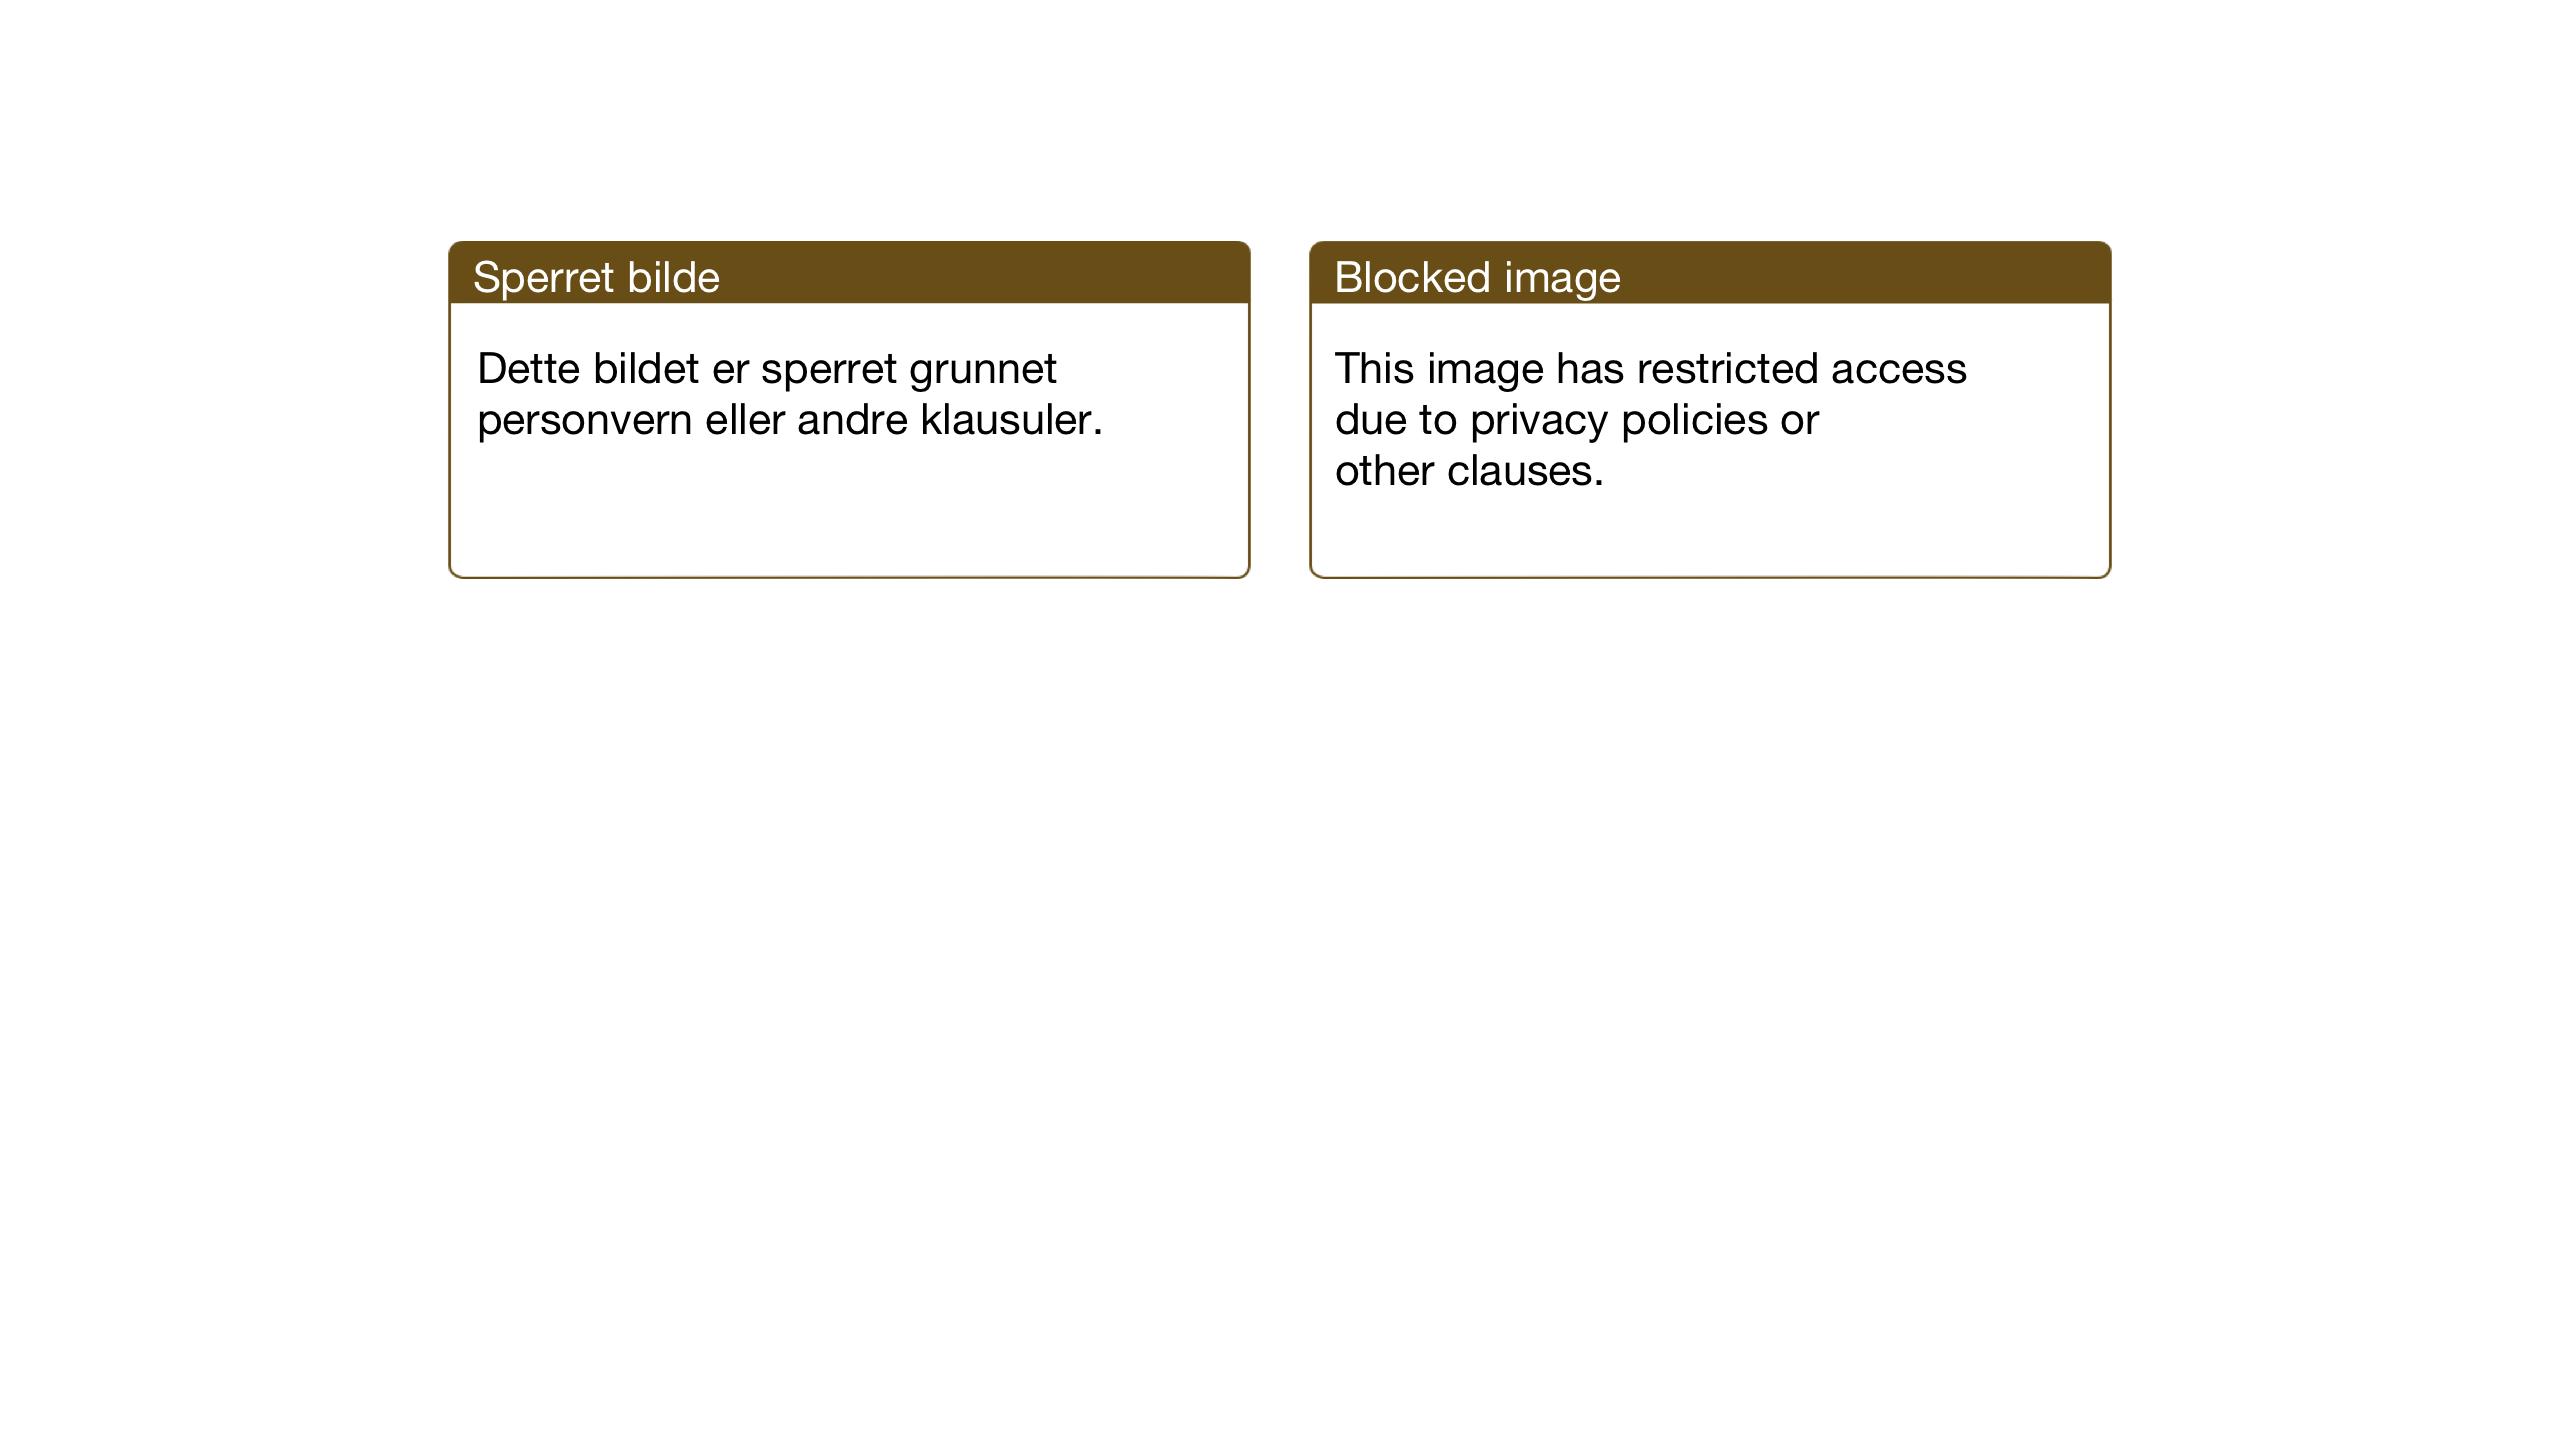 SAT, Ministerialprotokoller, klokkerbøker og fødselsregistre - Sør-Trøndelag, 667/L0799: Klokkerbok nr. 667C04, 1929-1950, s. 19